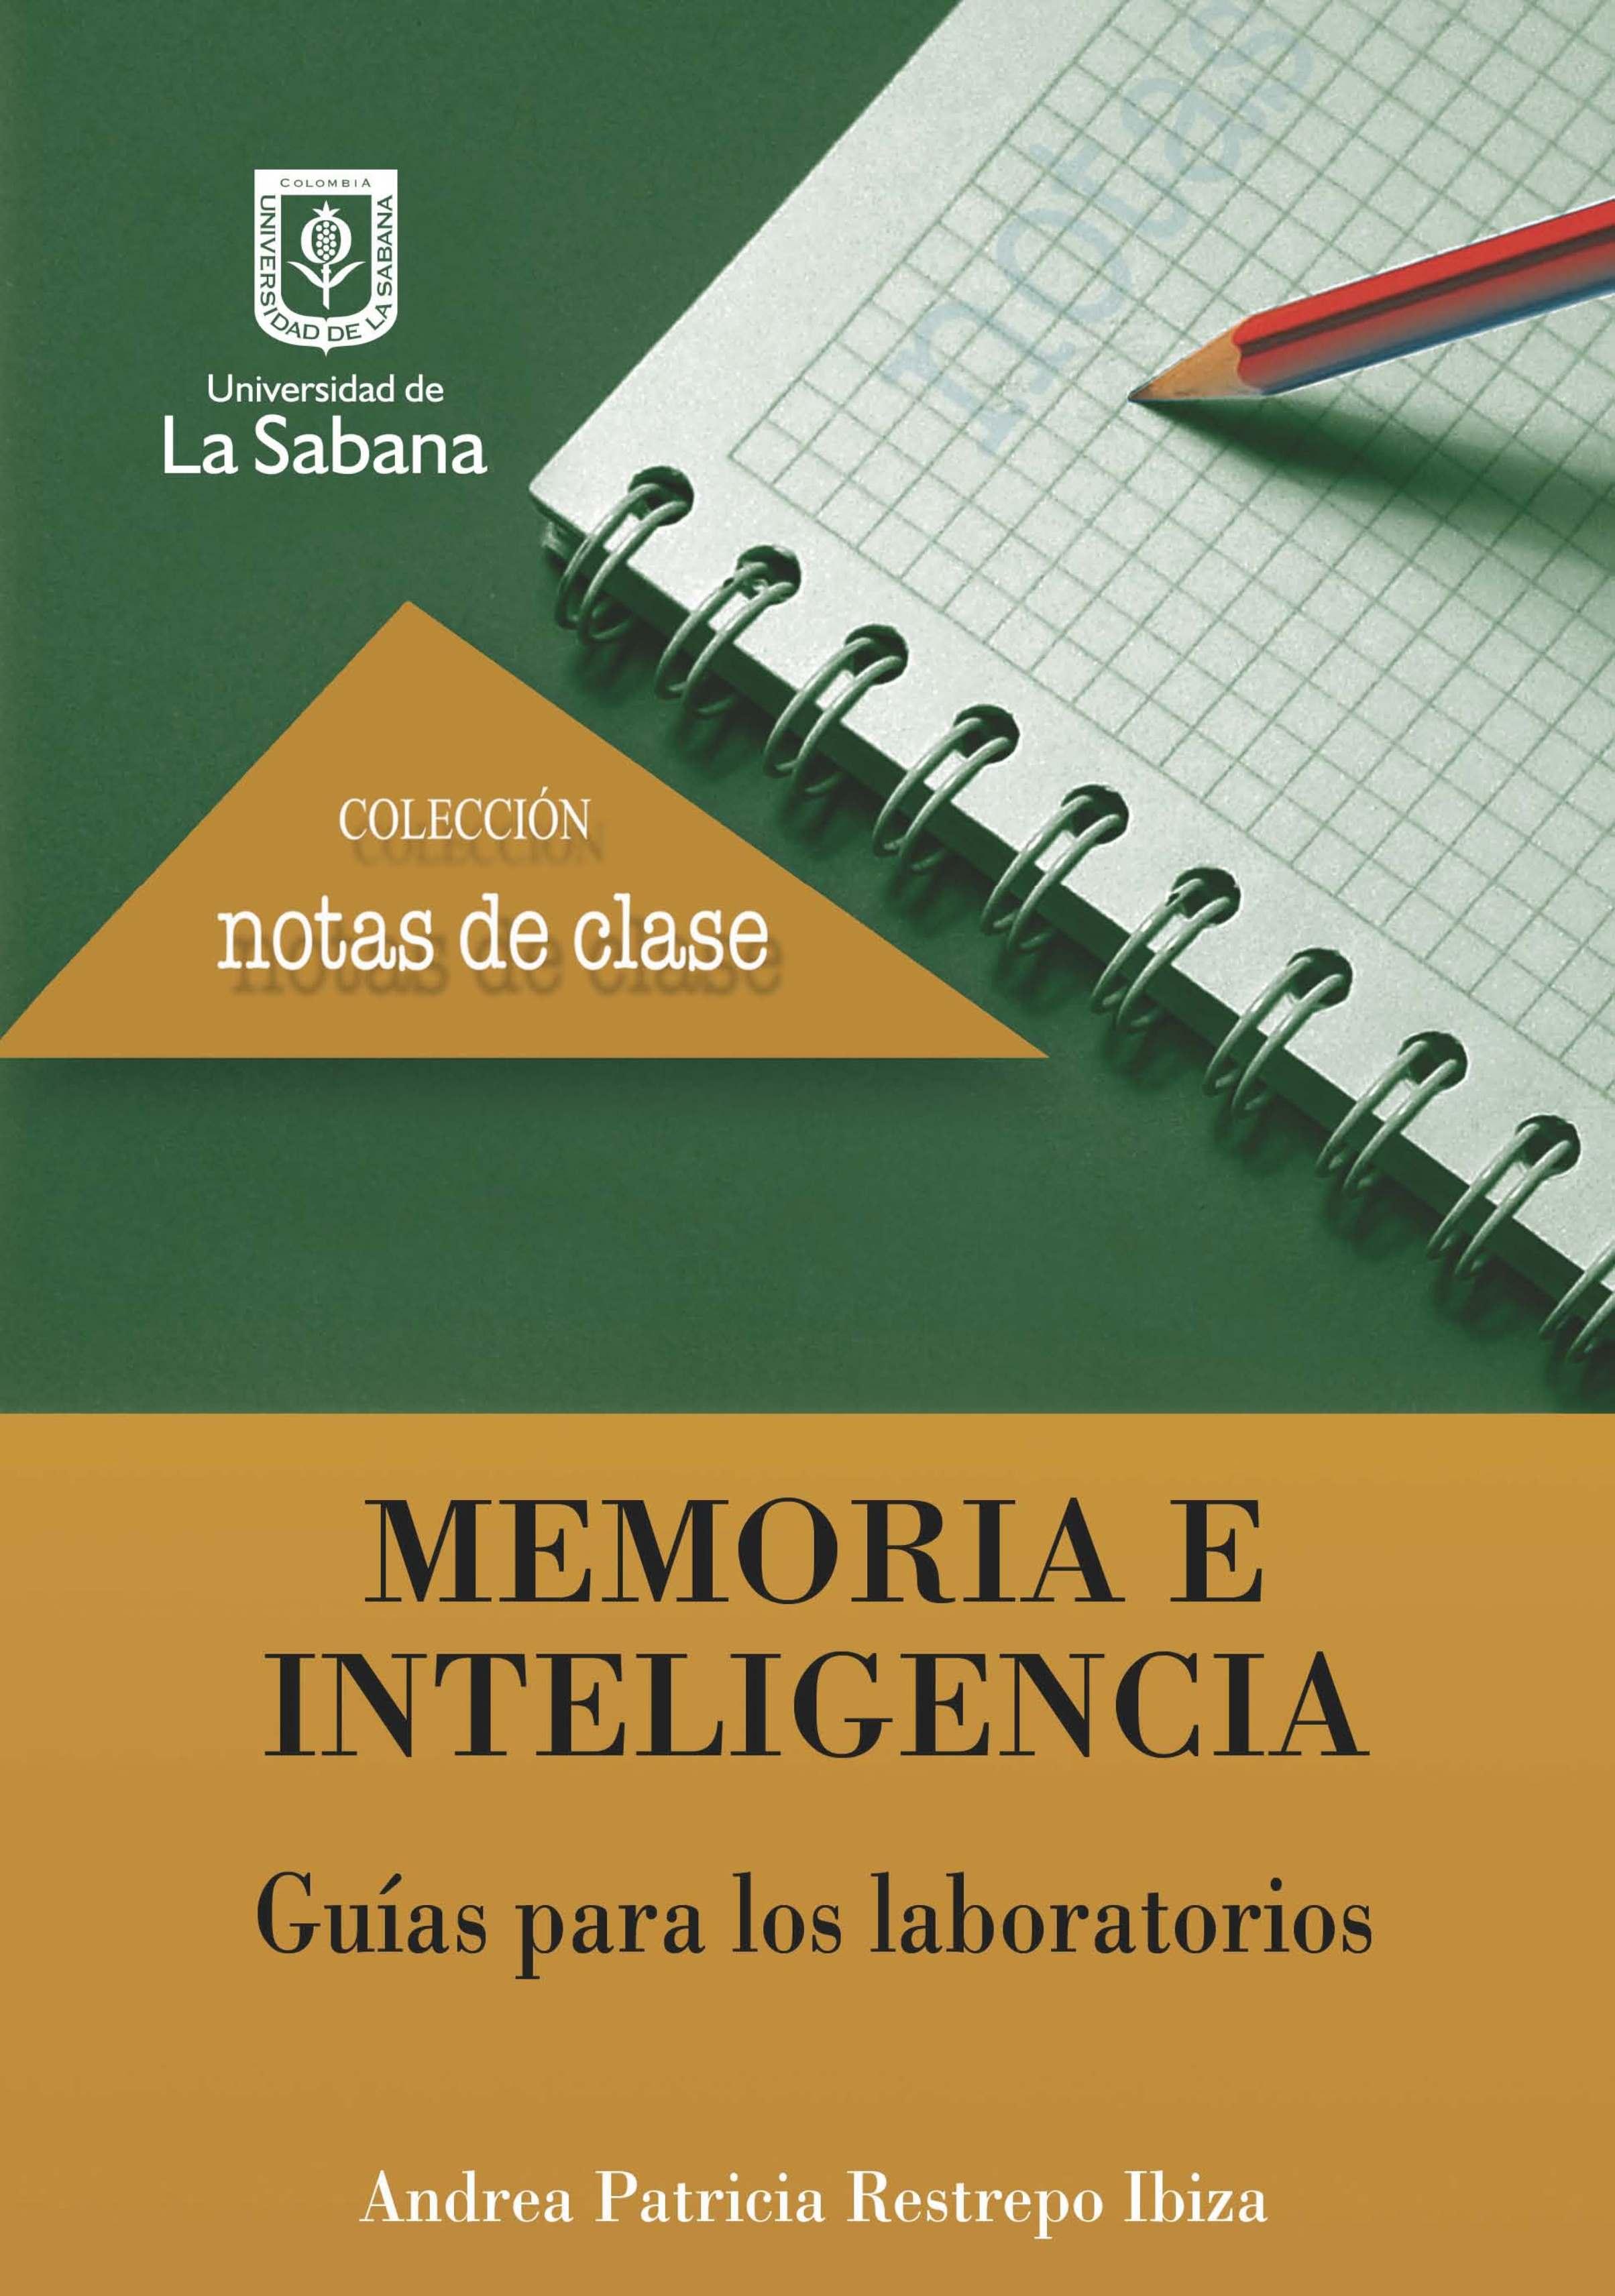 цены Andrea Patricia Restrepo Ibiza Memoria e inteligencia. Guías para los laboratorios